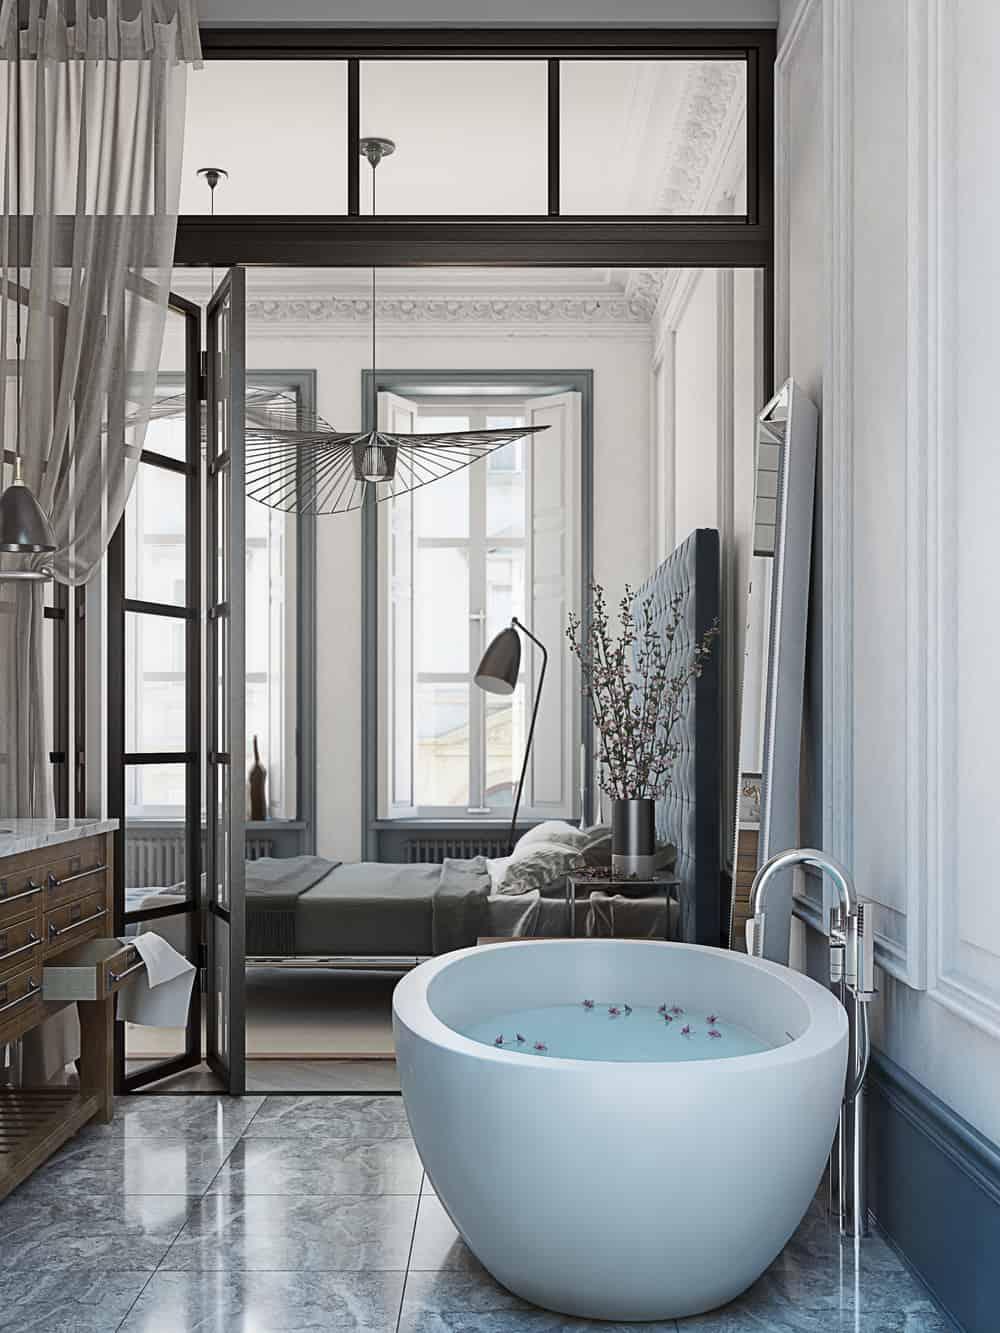 Beautiful bedroom bath